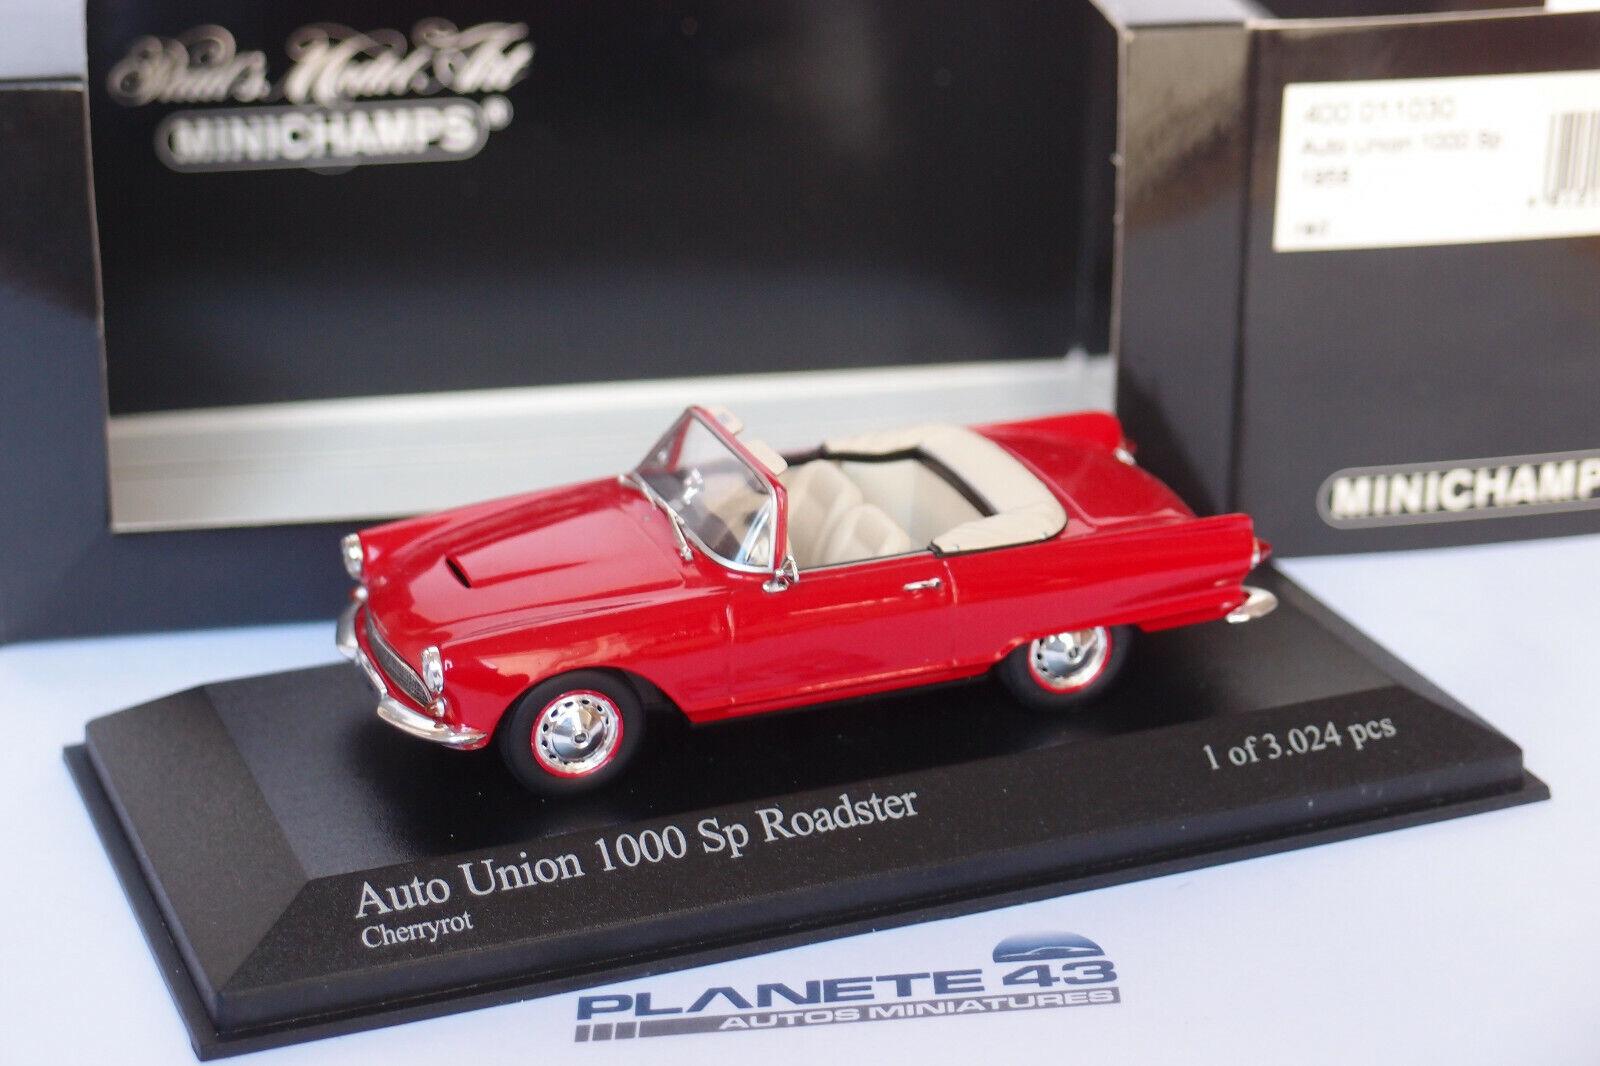 MINICHAMPS AUTO UNION 1000 SP ROADSTER 1958 rouge 400011030 1 43